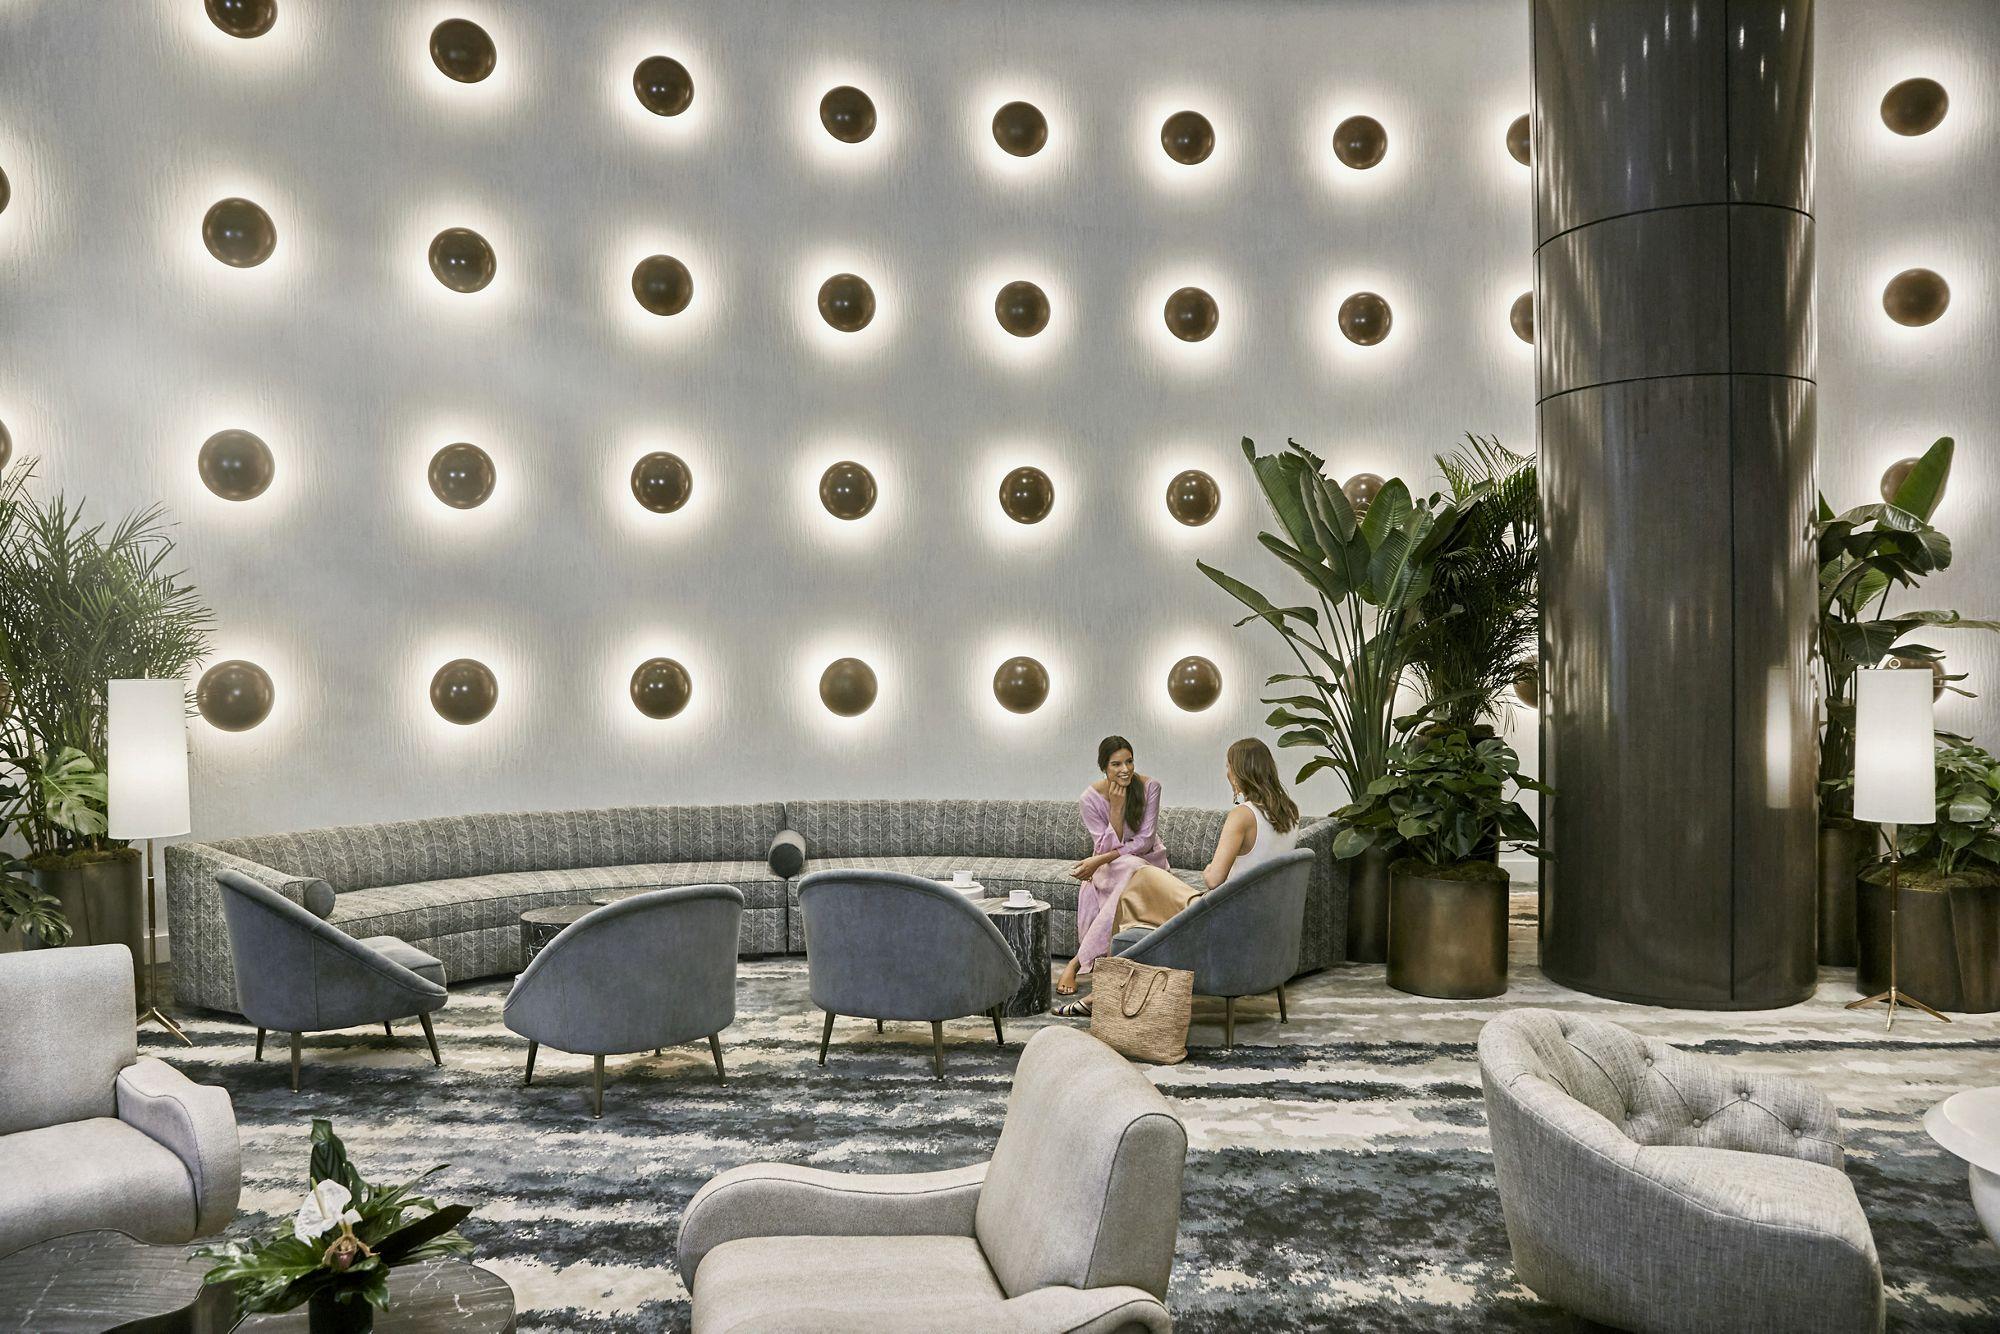 Lobby Light Wall